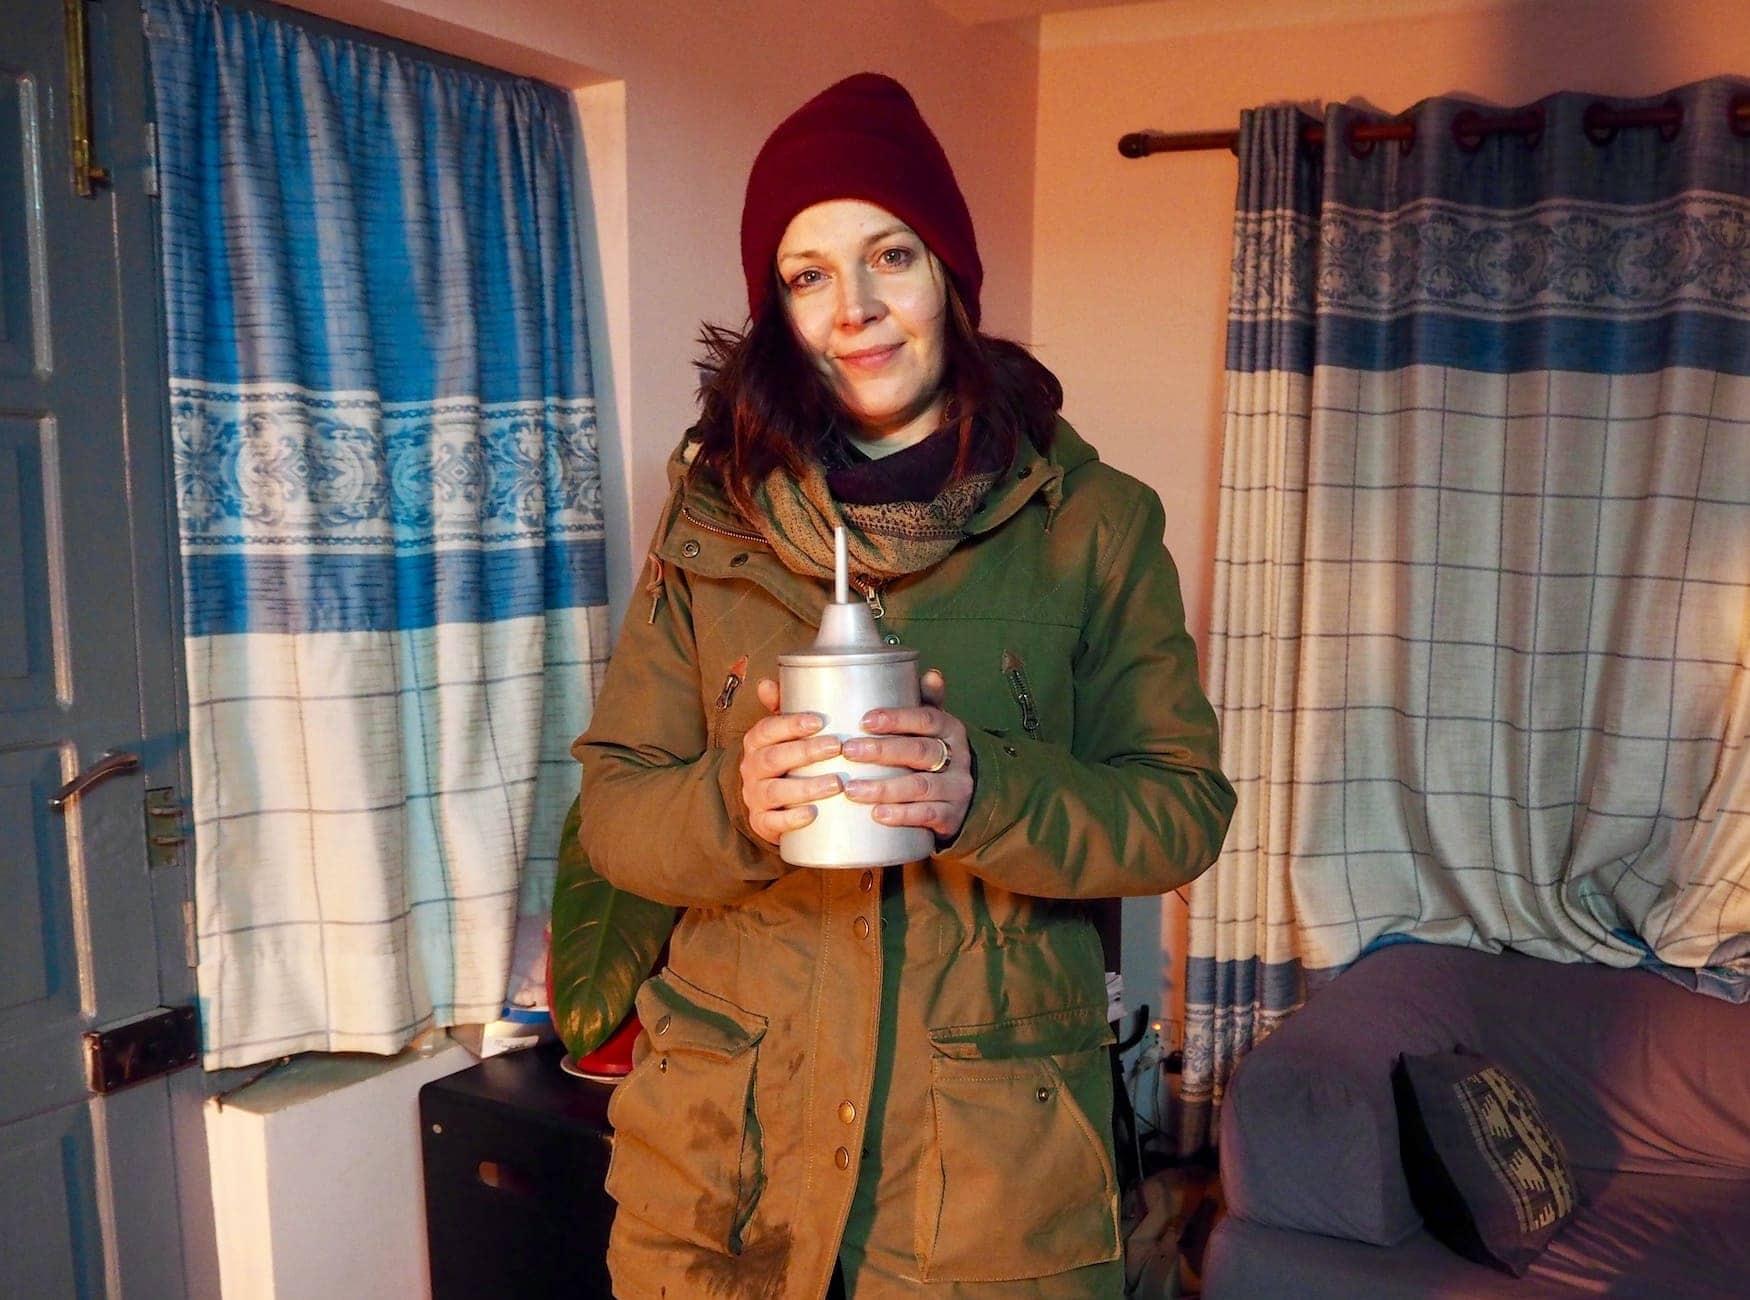 Kolumnistin Susanne eingepackt in ihrer Winterjacke